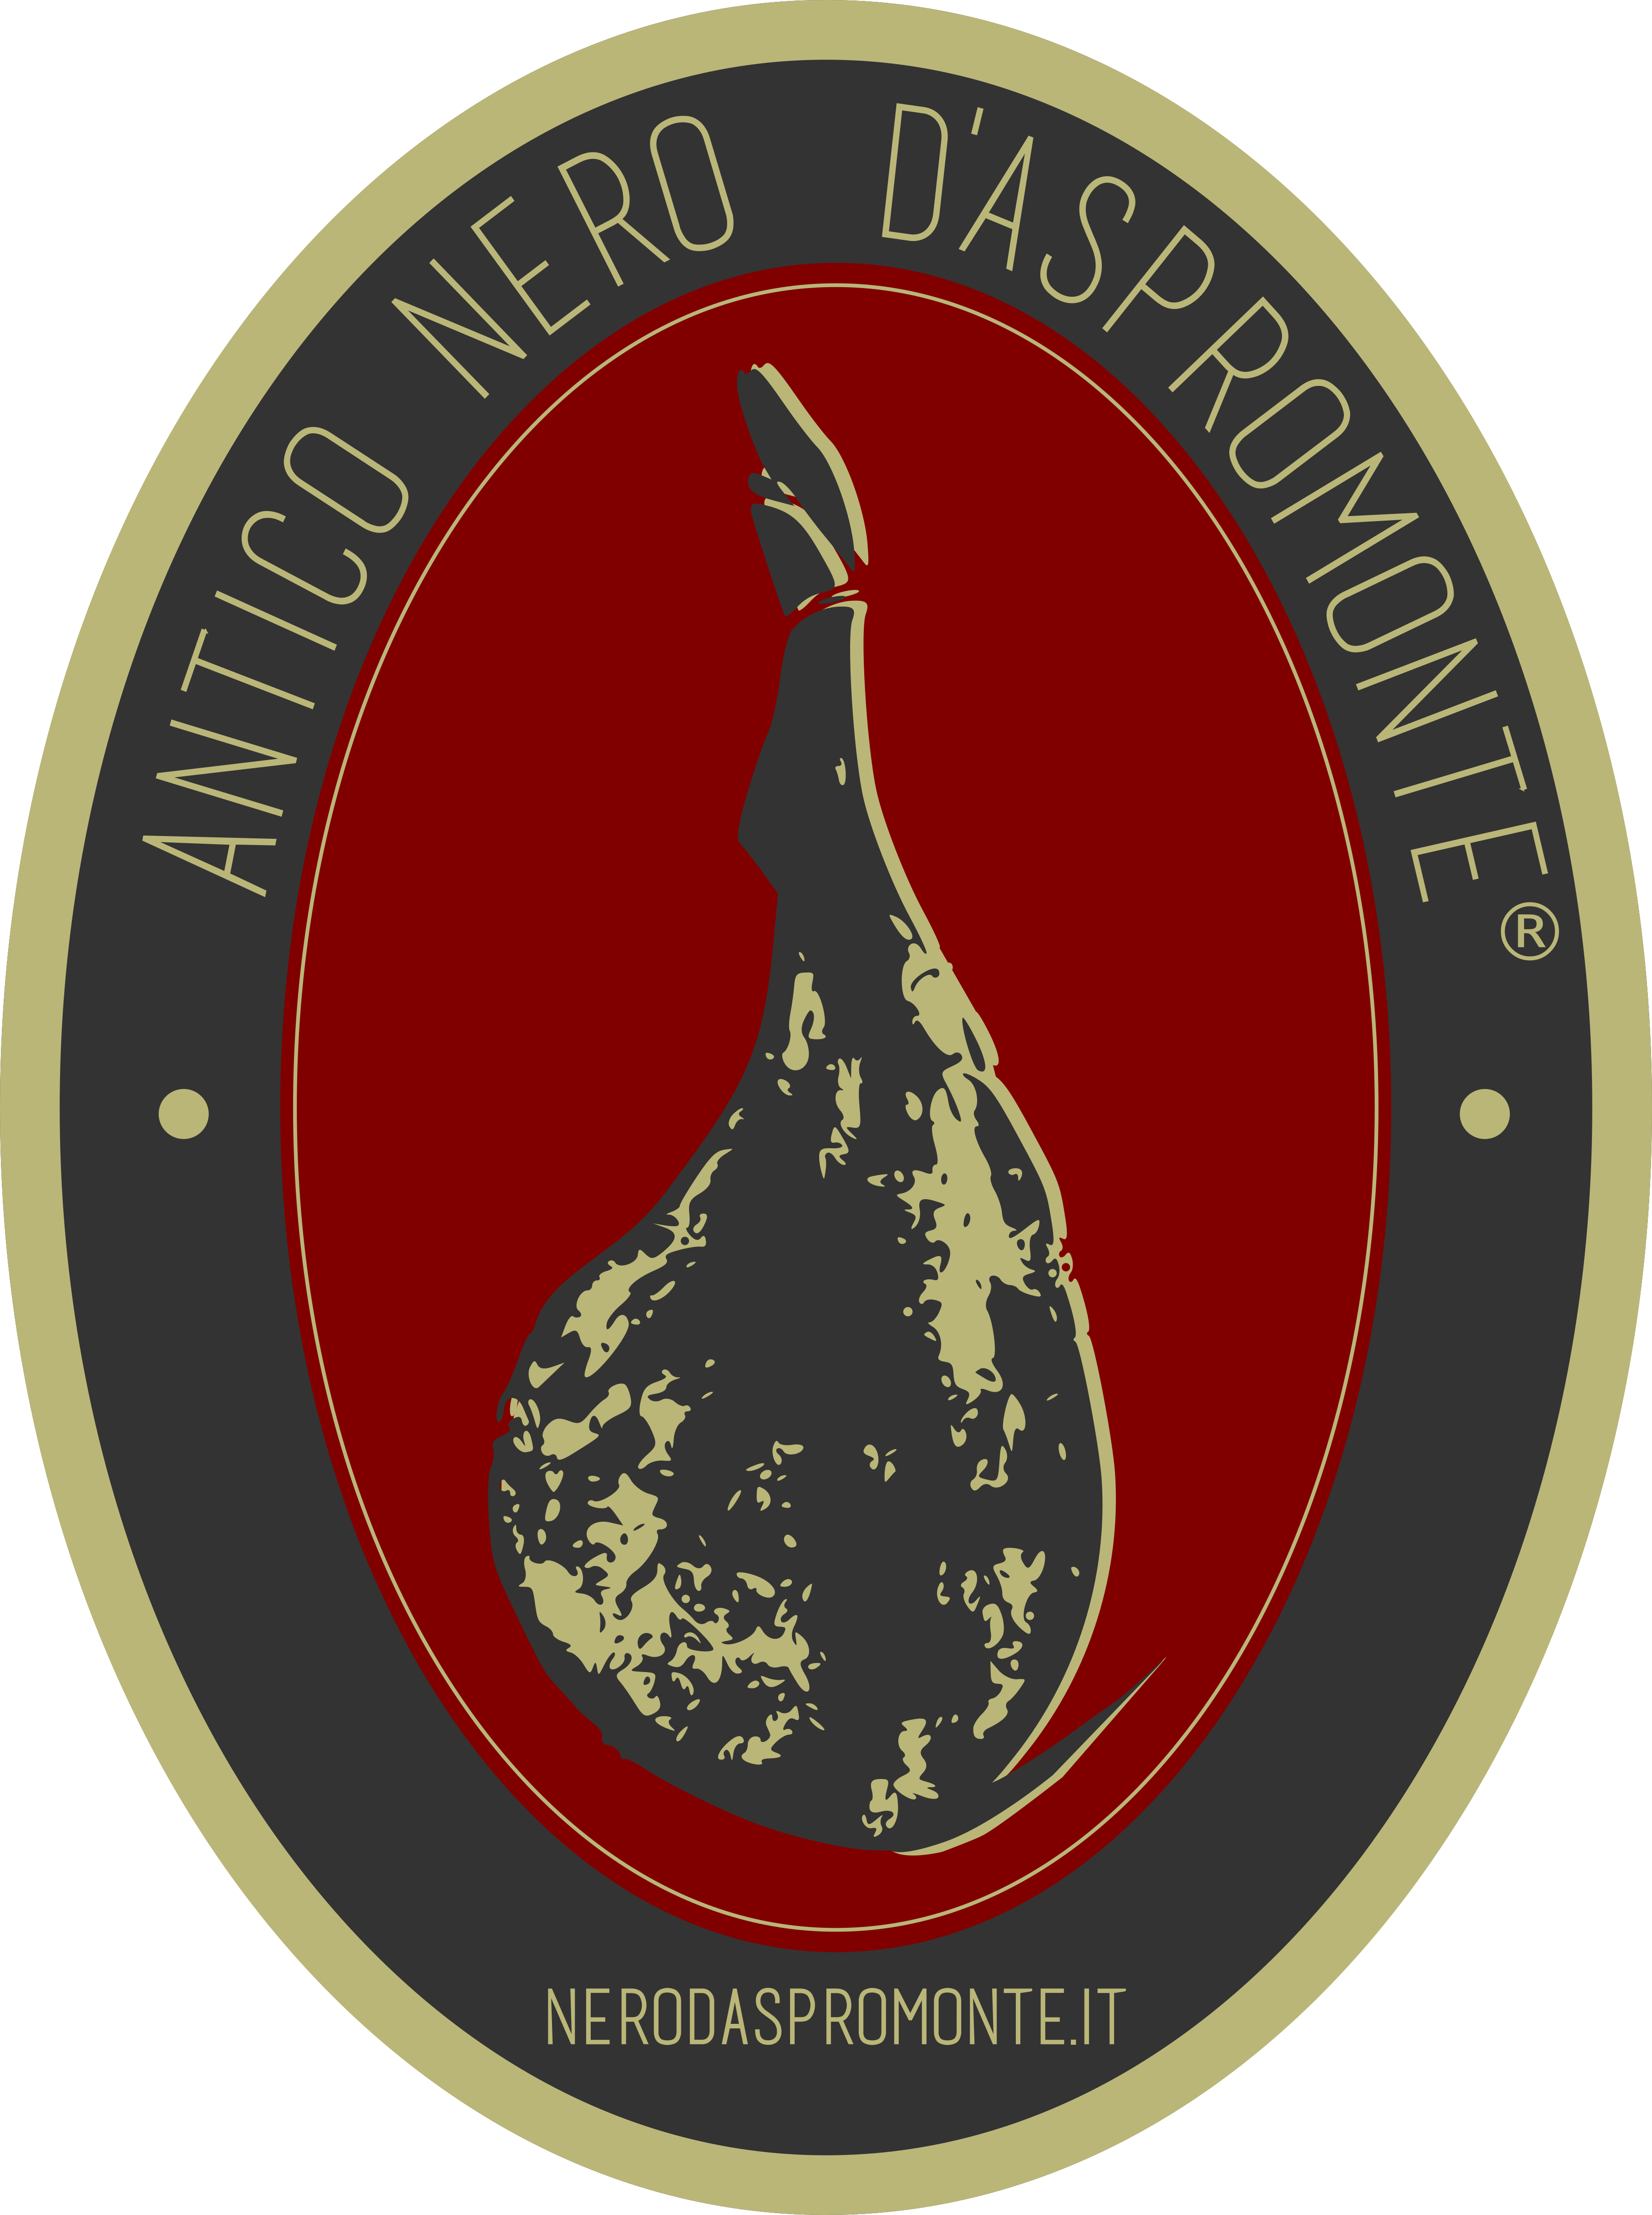 Logo antico nero d